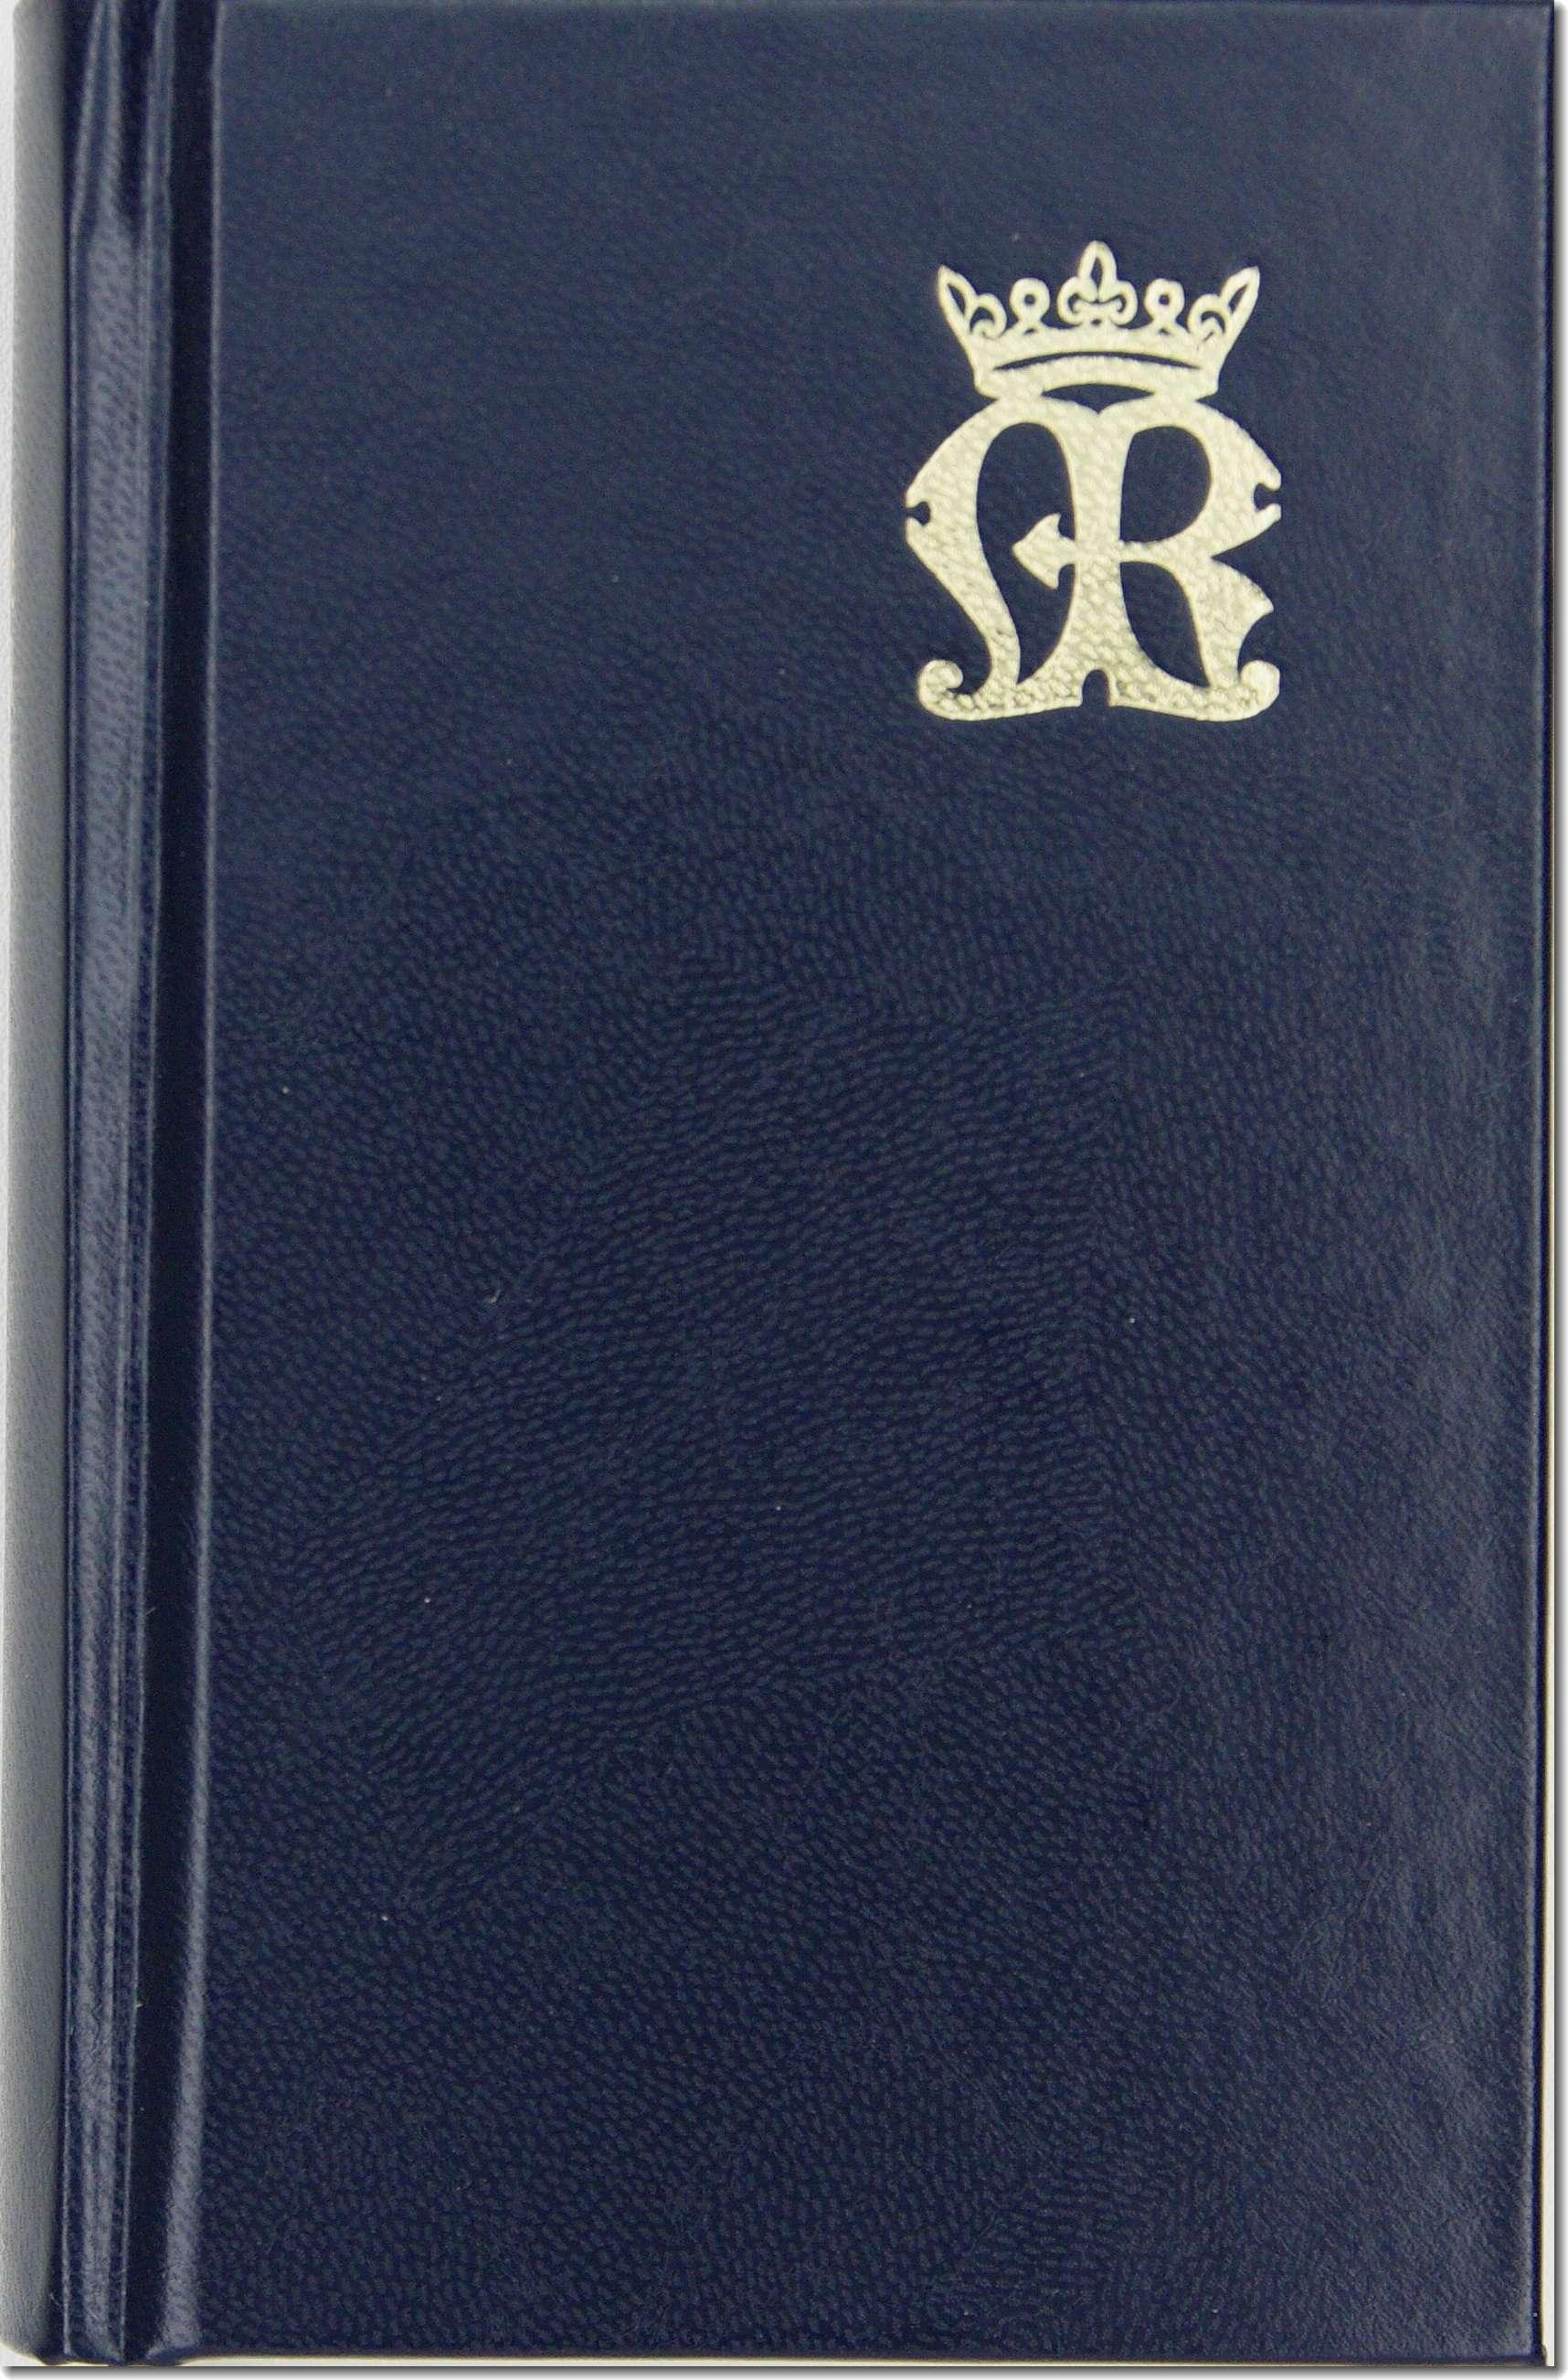 Religious Book Le Livre D Or Manuel Complet De La Parfaite Devotion A La Tres Sainte Vierge Ref L3117